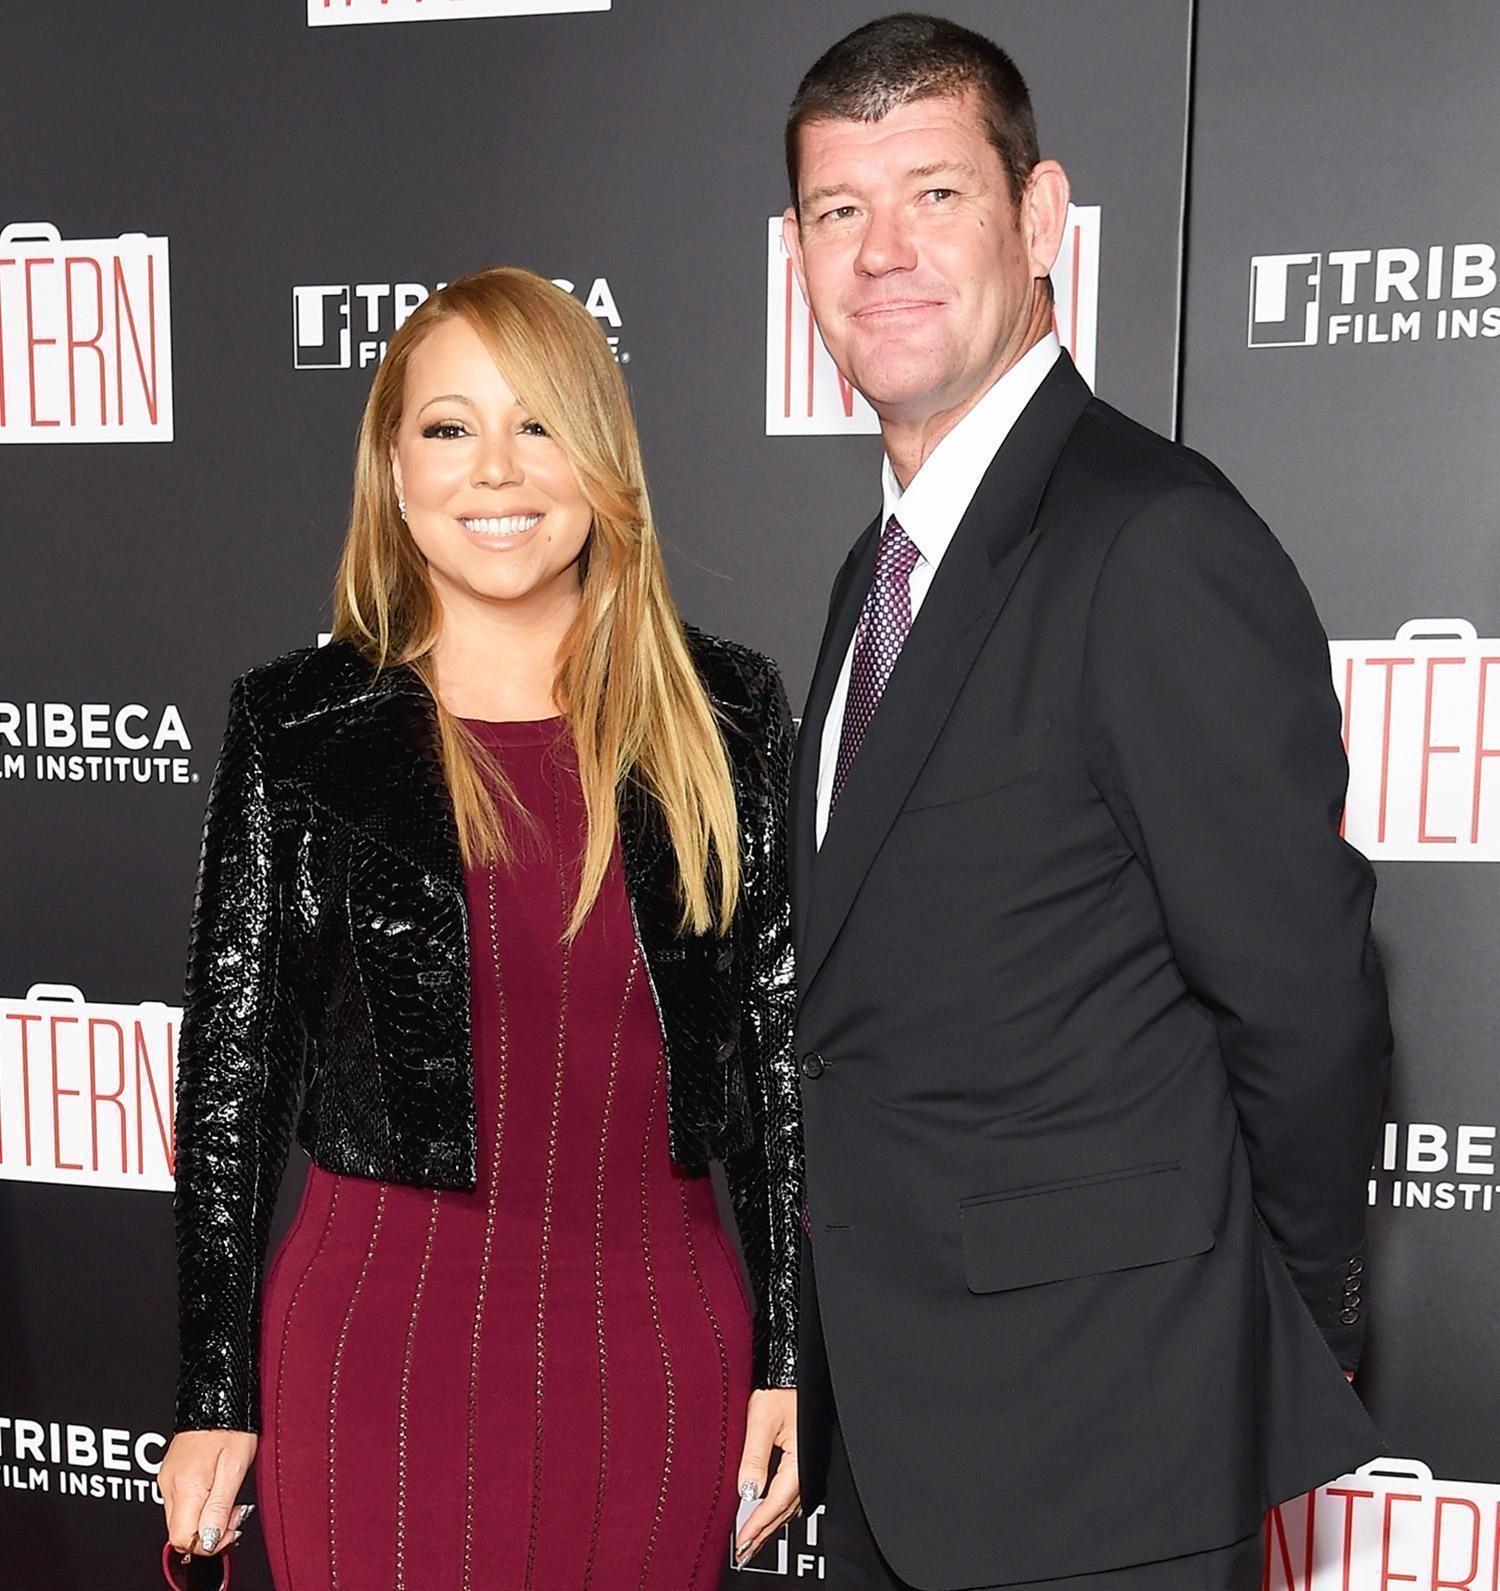 Mariah Carey Is Engaged to Her Billionaire Boyfriend James